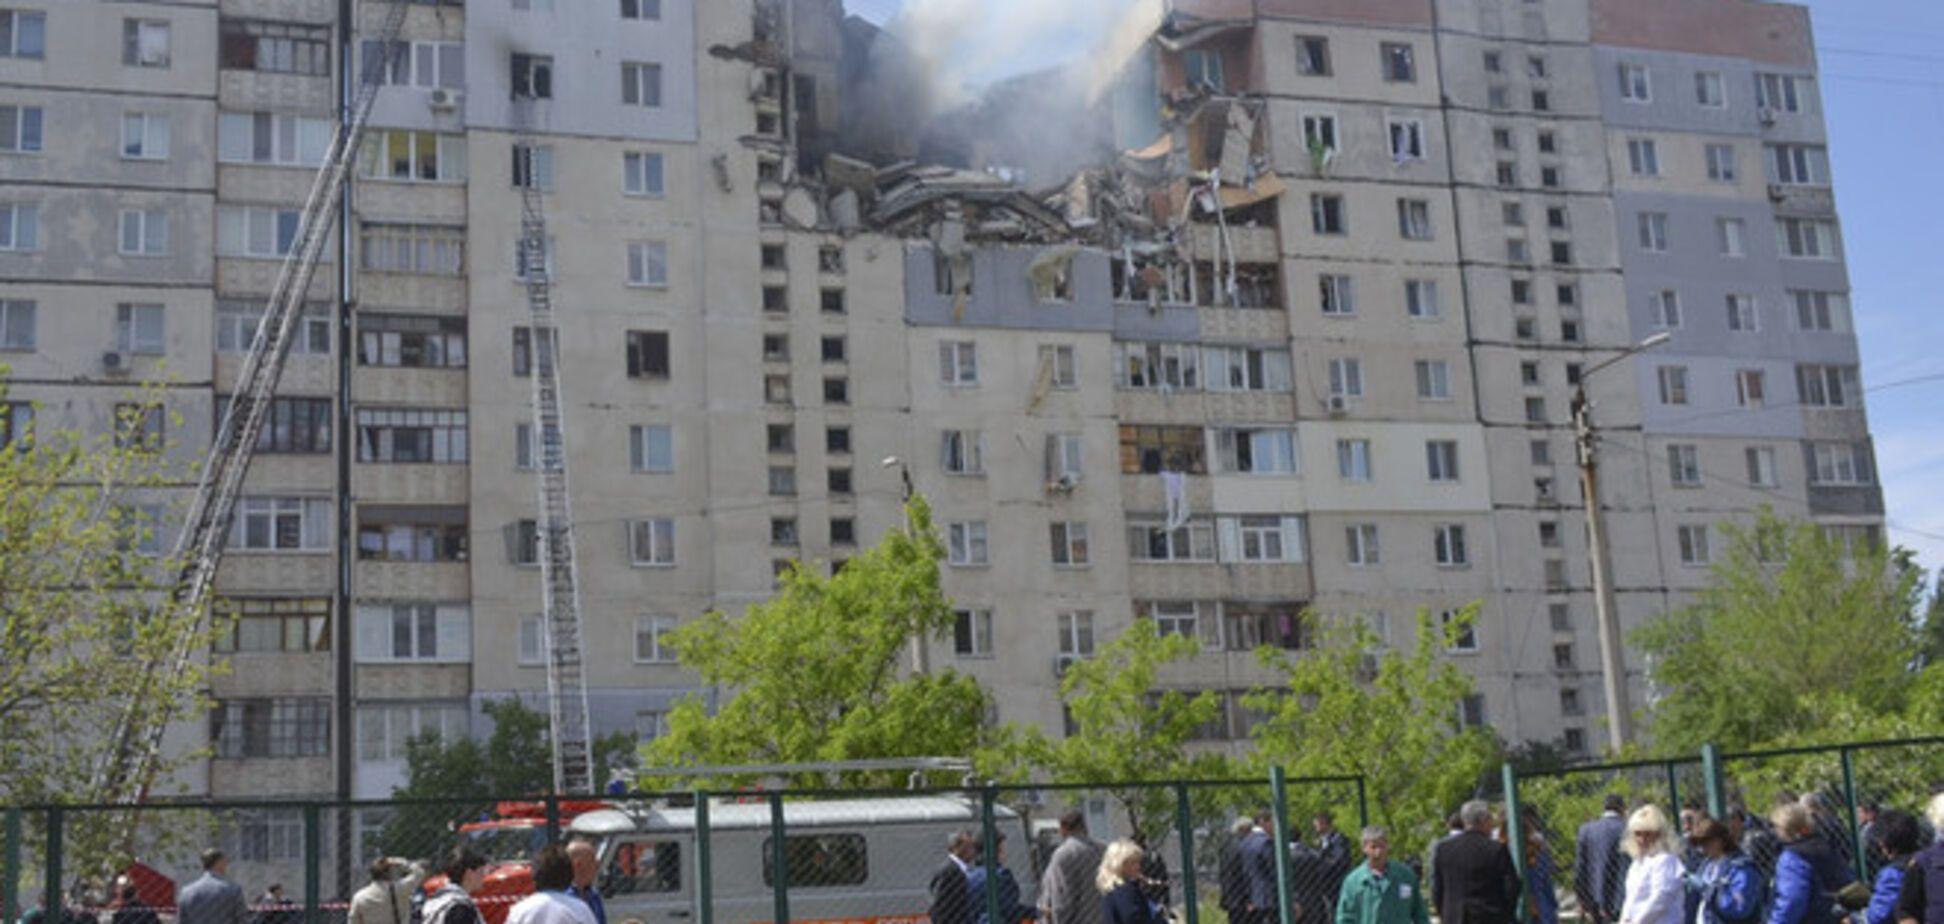 При расследовании причин взрыва дома в Николаеве назначено свыше 10 экспертиз